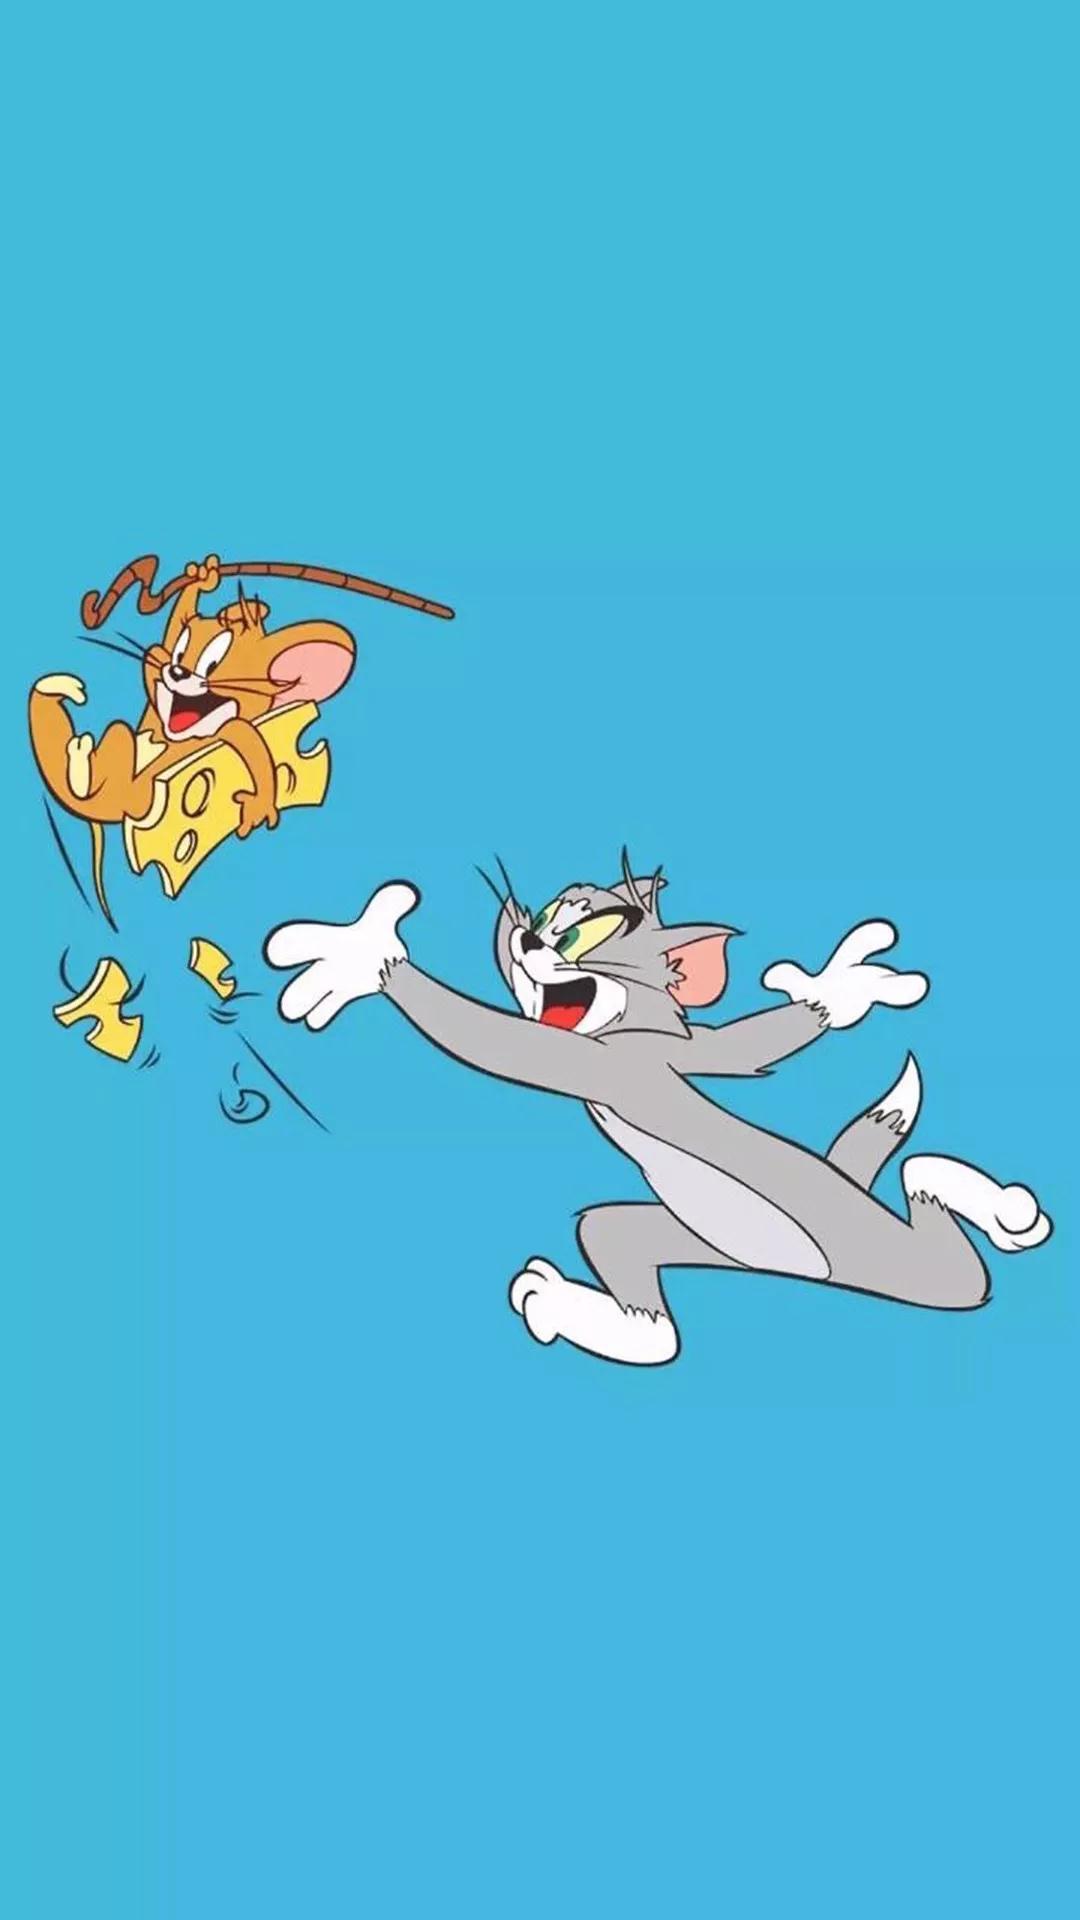 iPhone壁纸,猫和老鼠高清壁纸大全,土味套路情话说给你